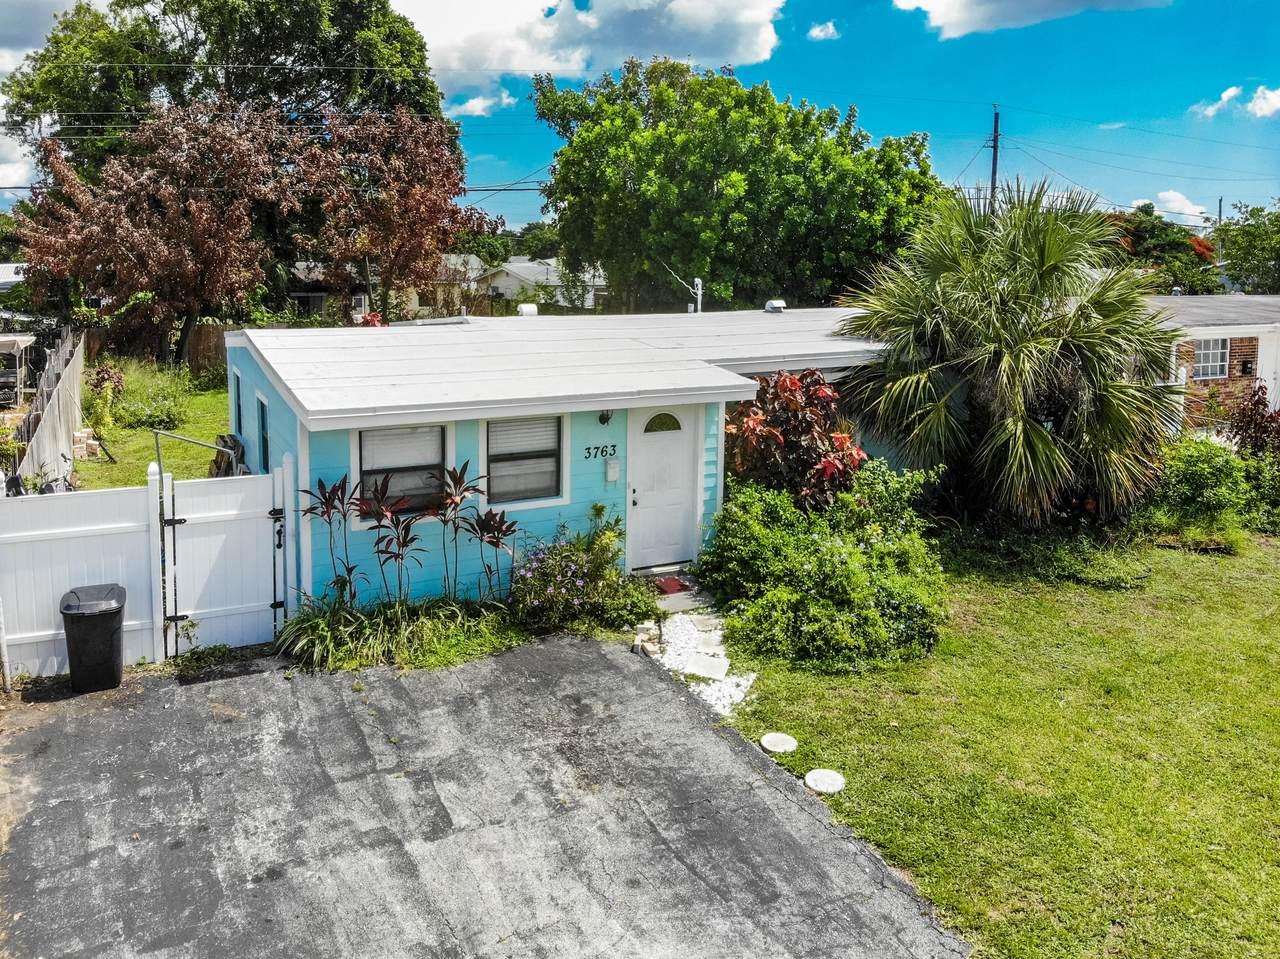 3763 Florida Boulevard - Photo 1